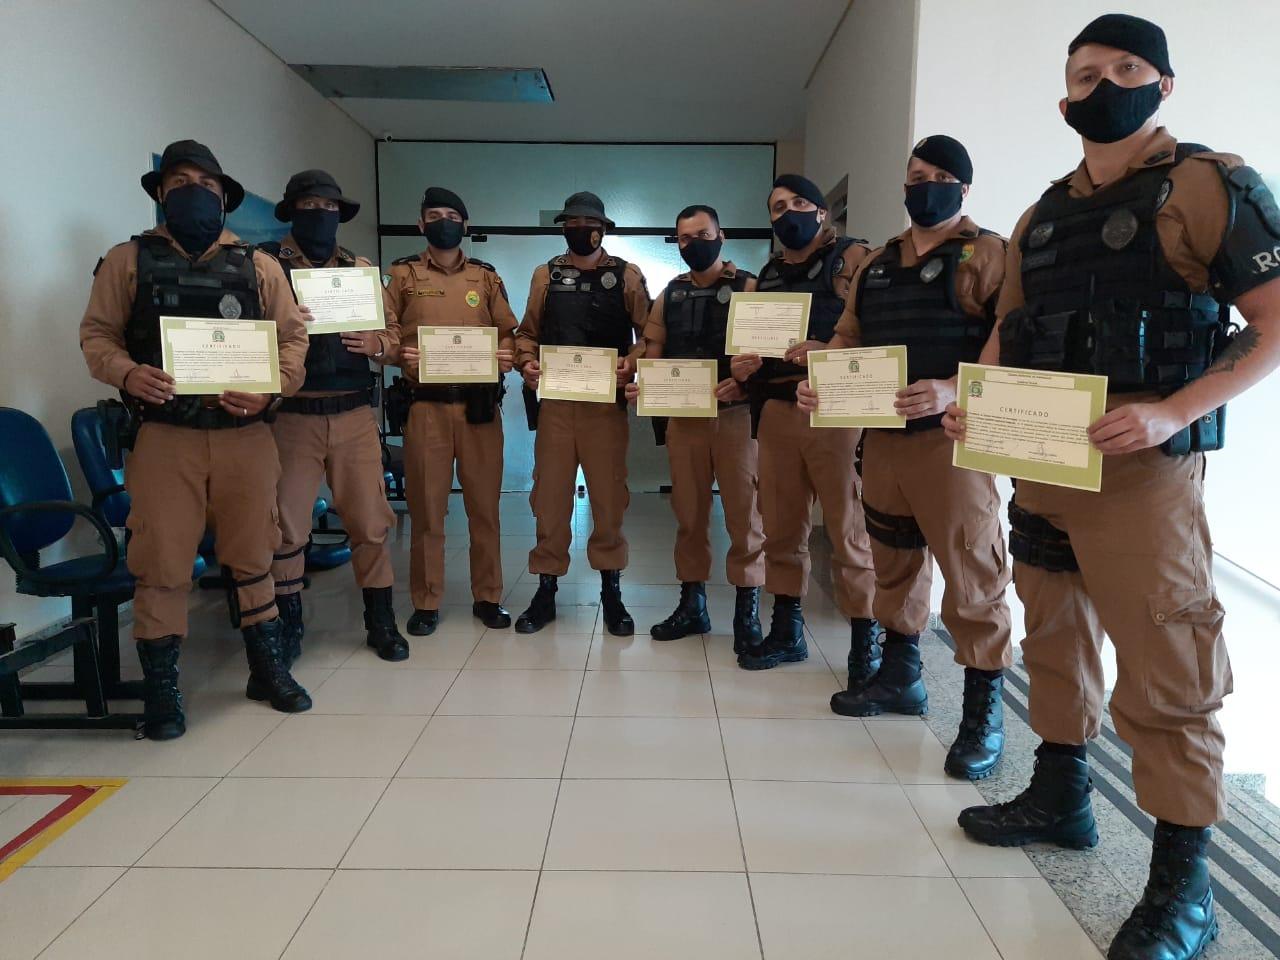 Policiais militares são homenageados na Câmara de Vereadores de Paranaguá